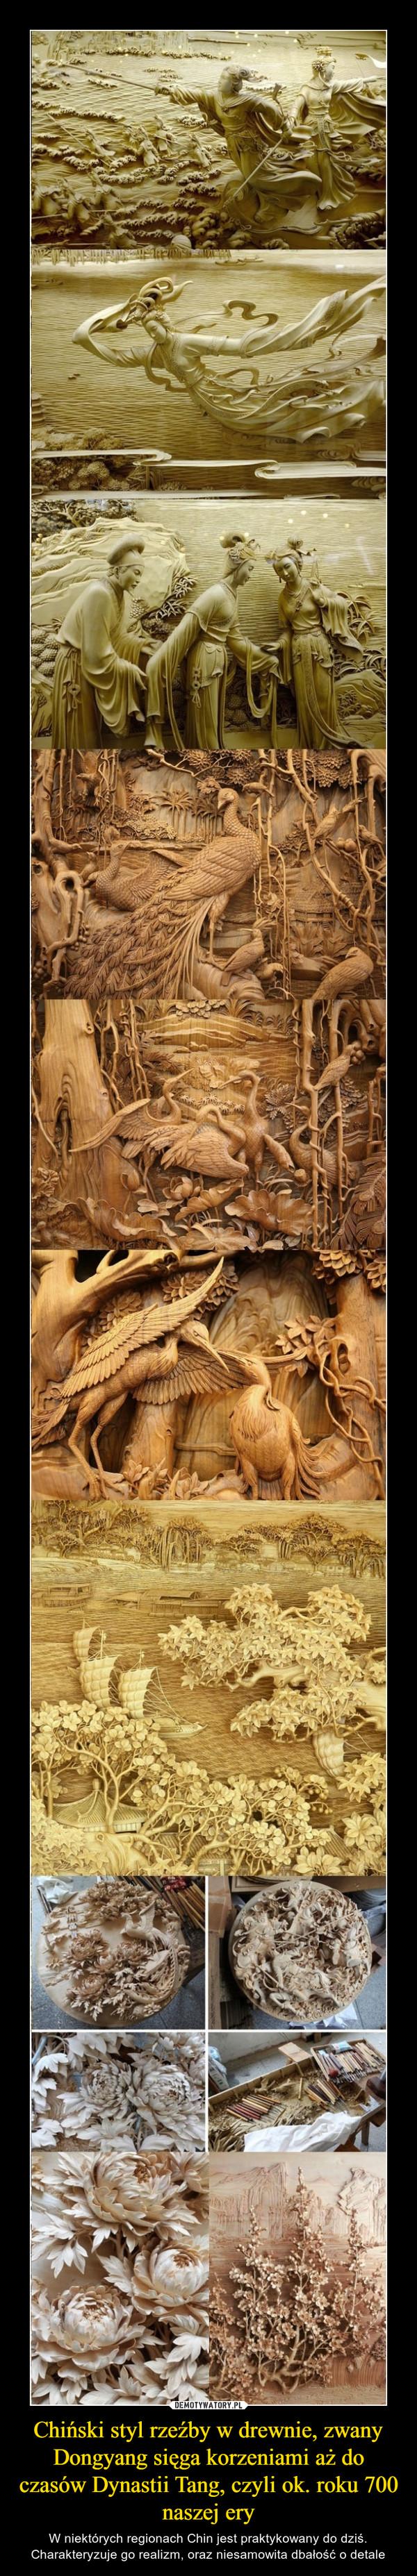 Chiński styl rzeźby w drewnie, zwany Dongyang sięga korzeniami aż do czasów Dynastii Tang, czyli ok. roku 700 naszej ery – W niektórych regionach Chin jest praktykowany do dziś. Charakteryzuje go realizm, oraz niesamowita dbałość o detale